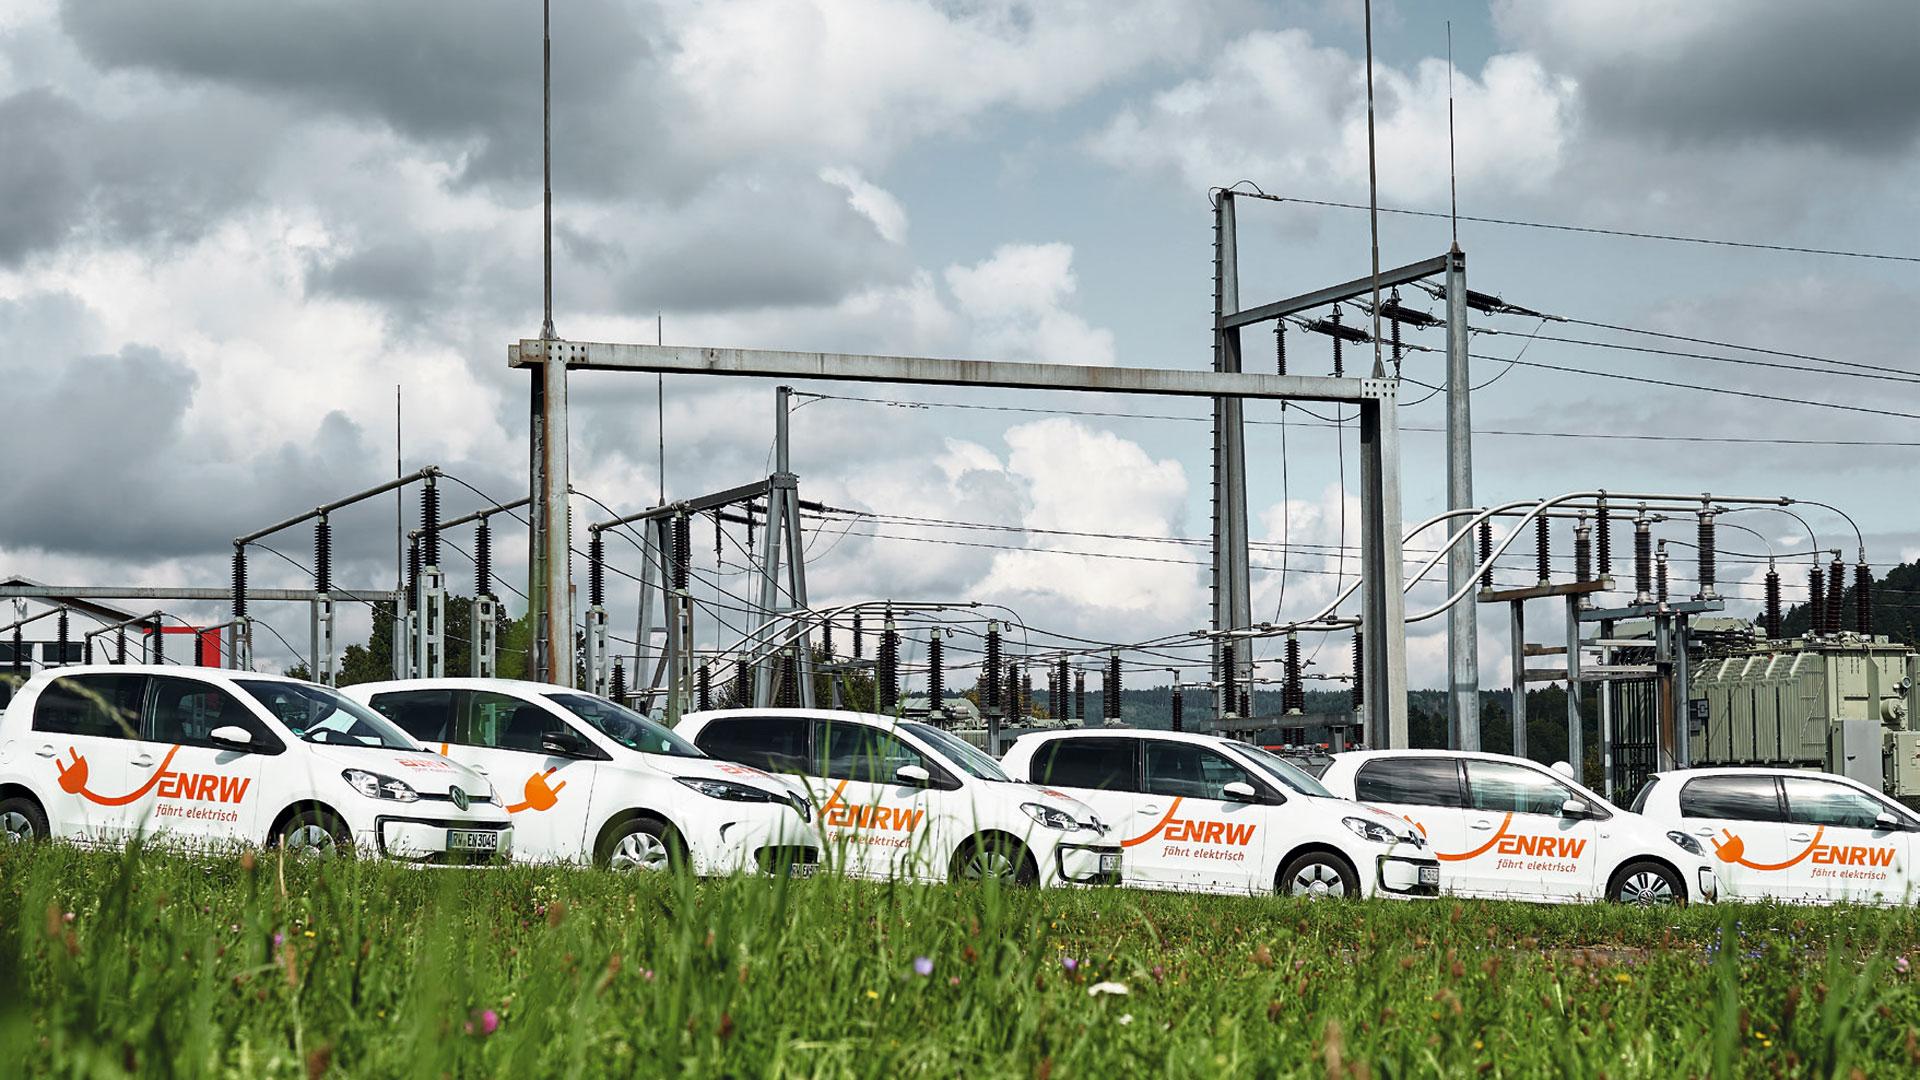 Sechs Elektroautos der ENRW stehen vor dem Rottweiler Umspannwerk